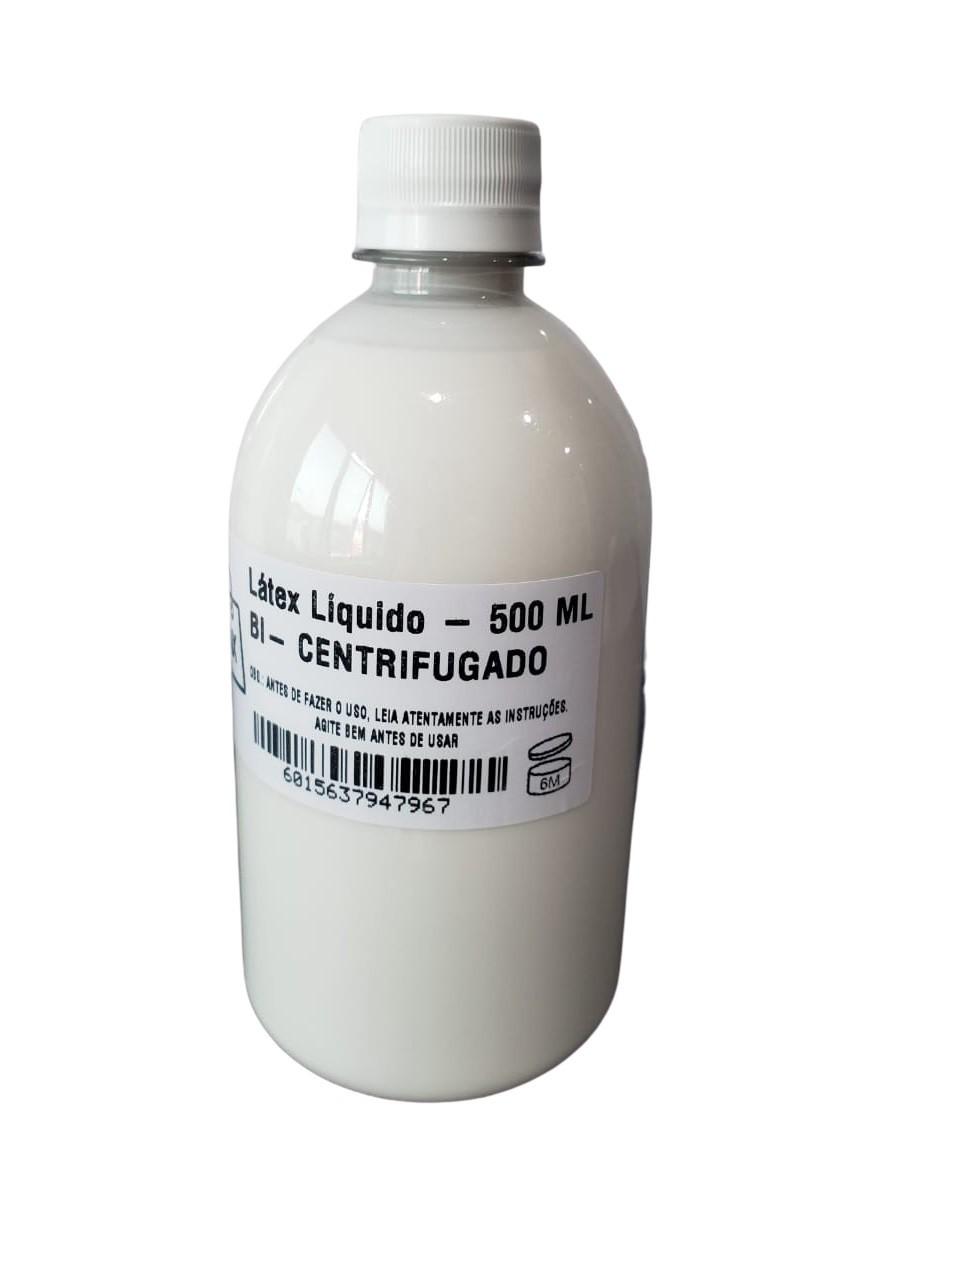 latex liquido 500ml